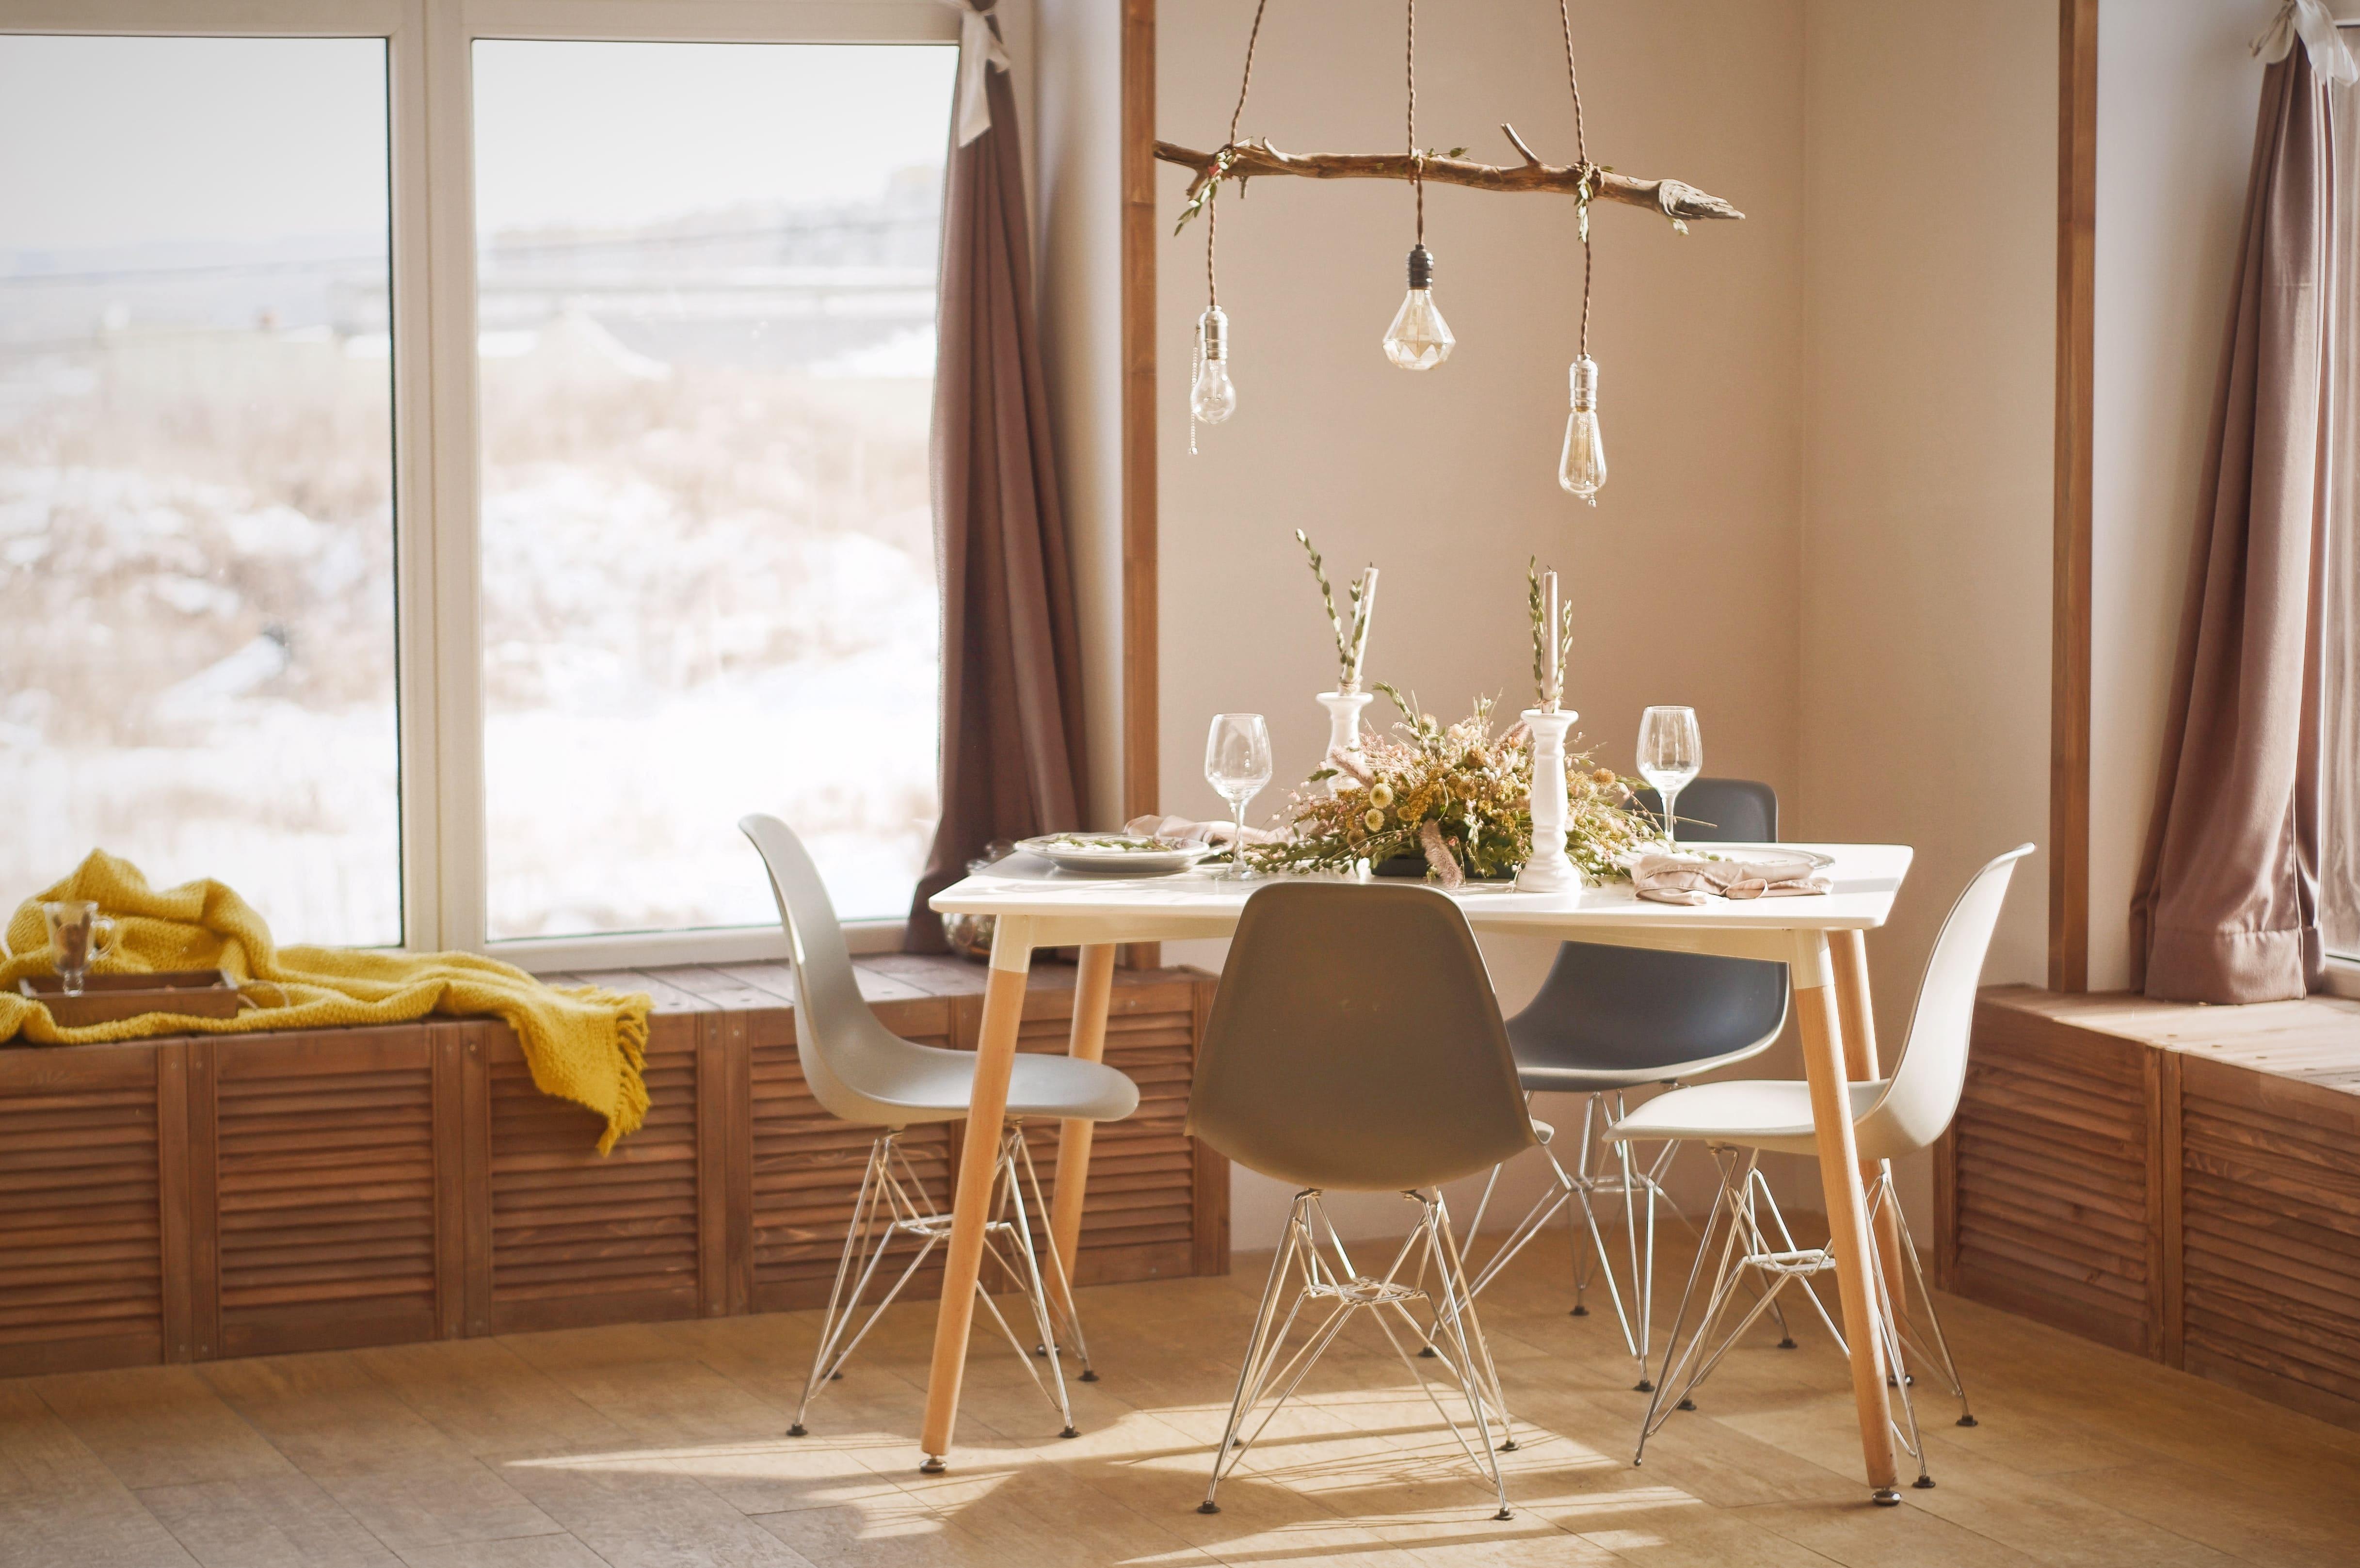 Las casas pequeñas con muy poco espacio pueden ser acogedoras.